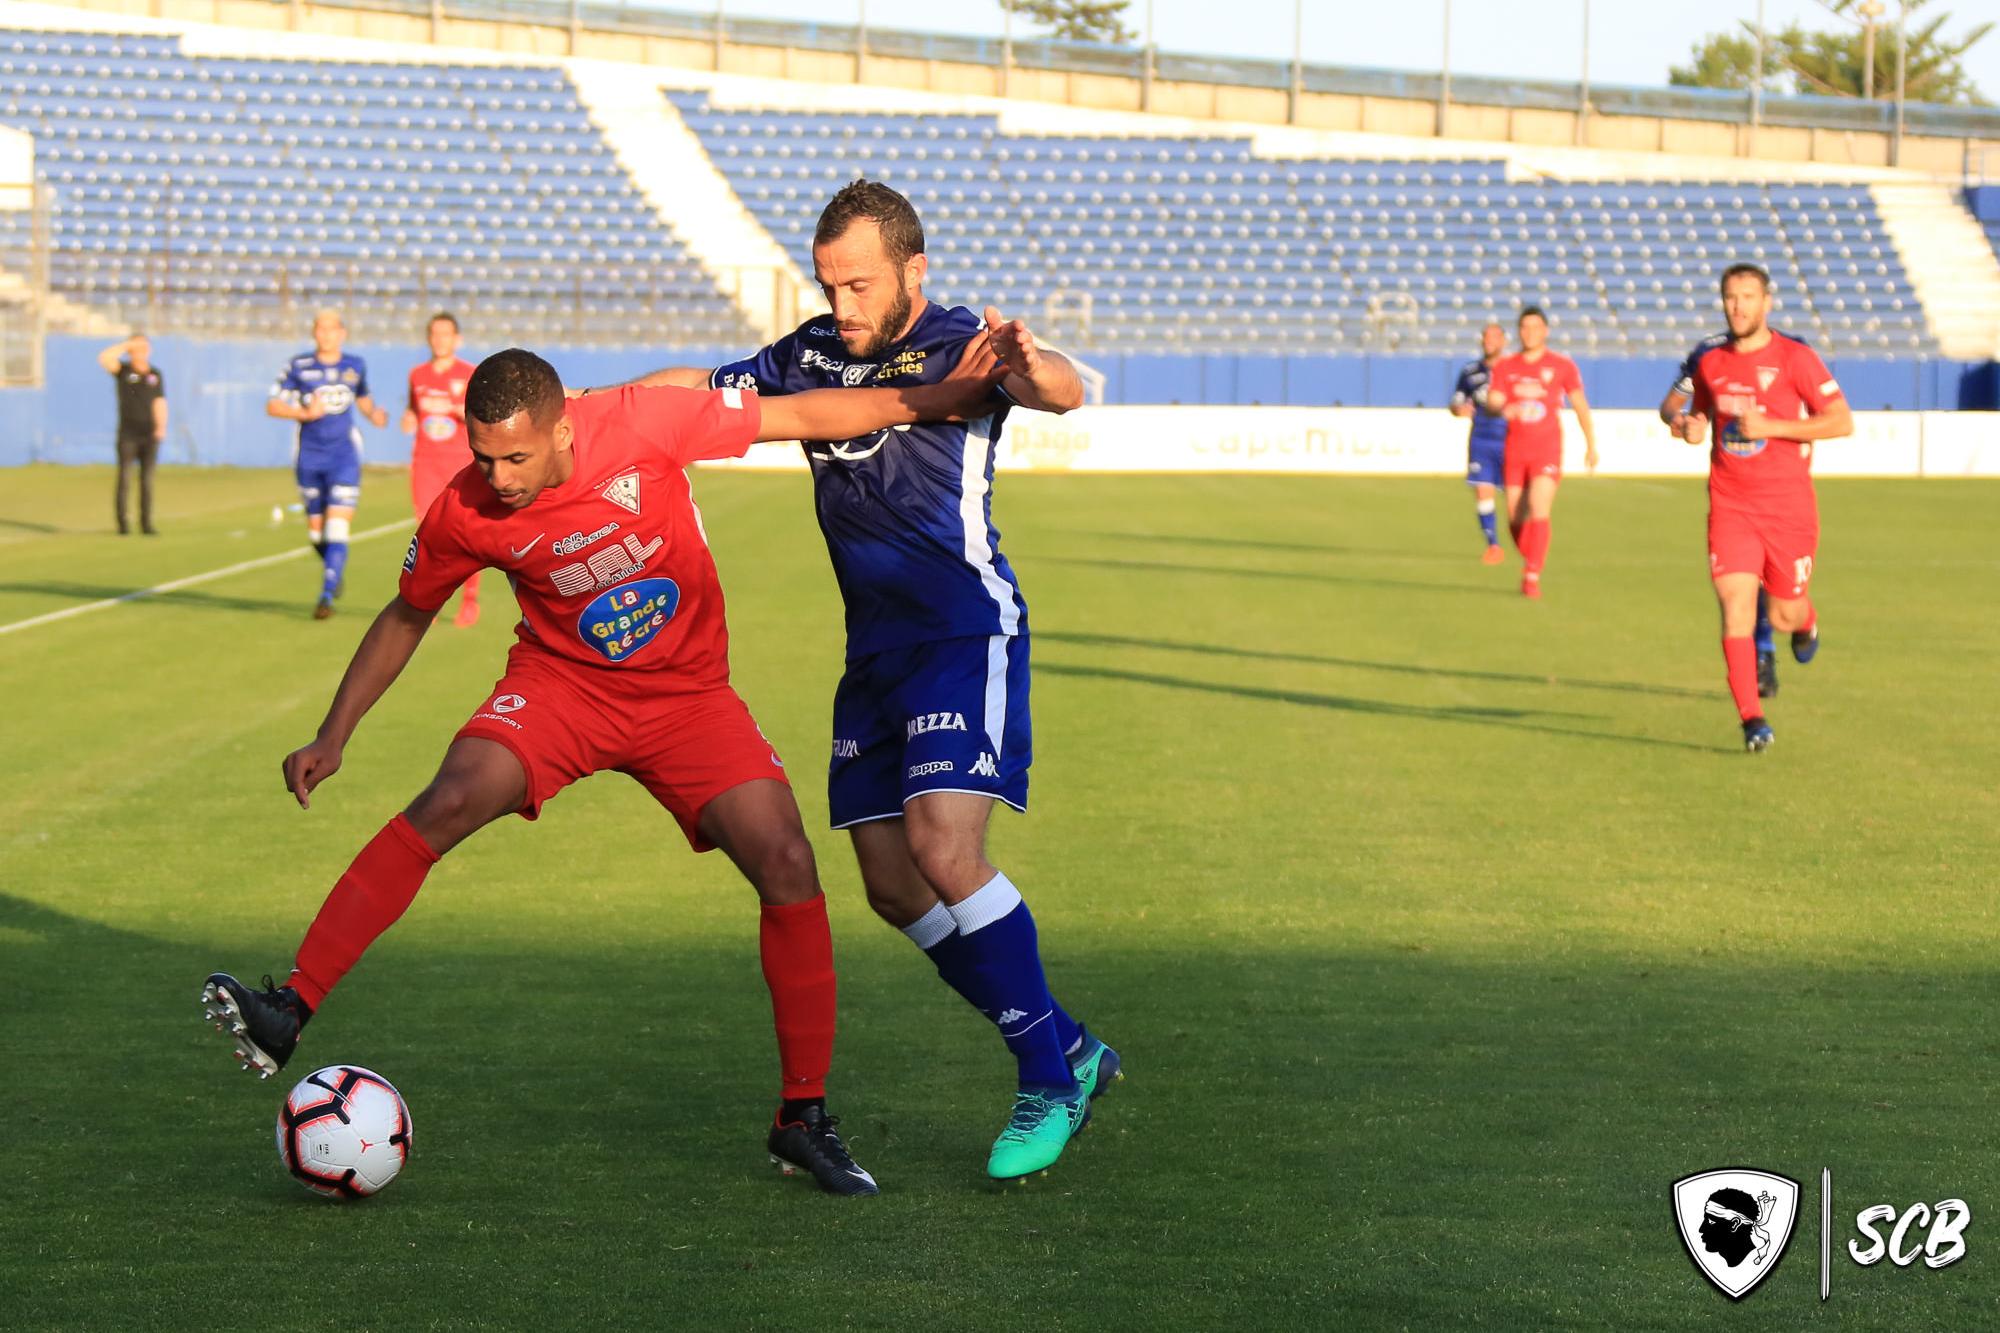 GCL 0-0 SCB - CAMPIONI (11/08/2018)